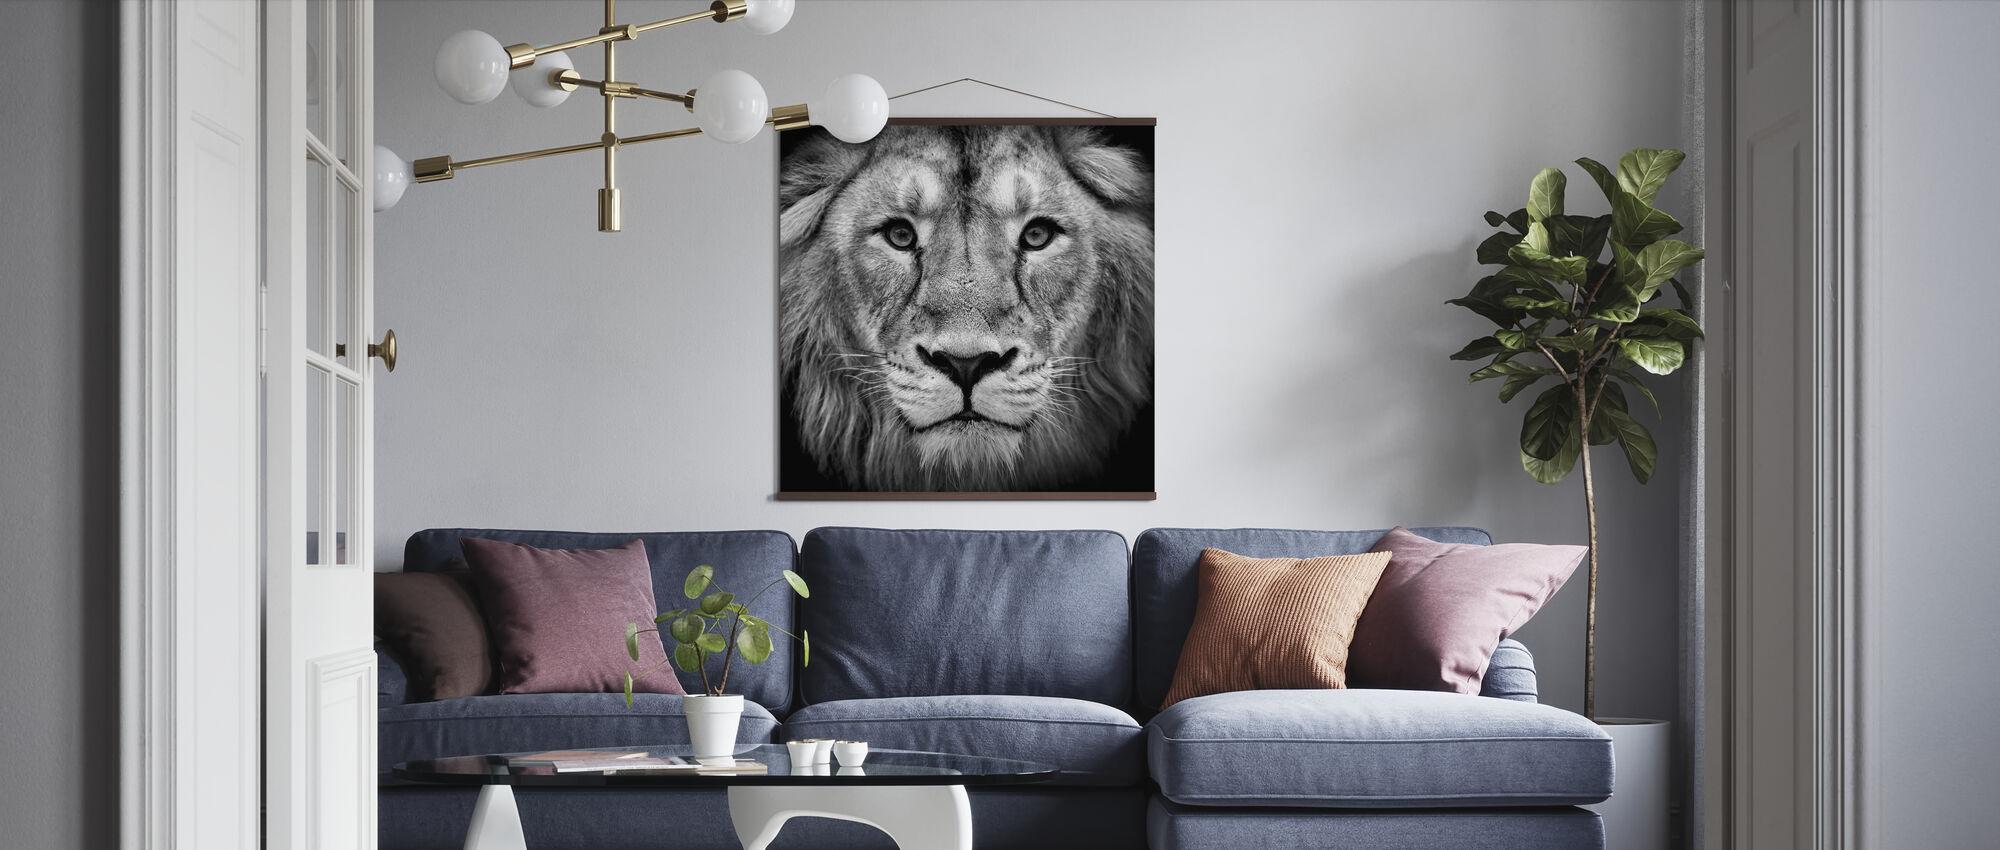 Wise Lion, schwarz/weiß - Poster - Wohnzimmer